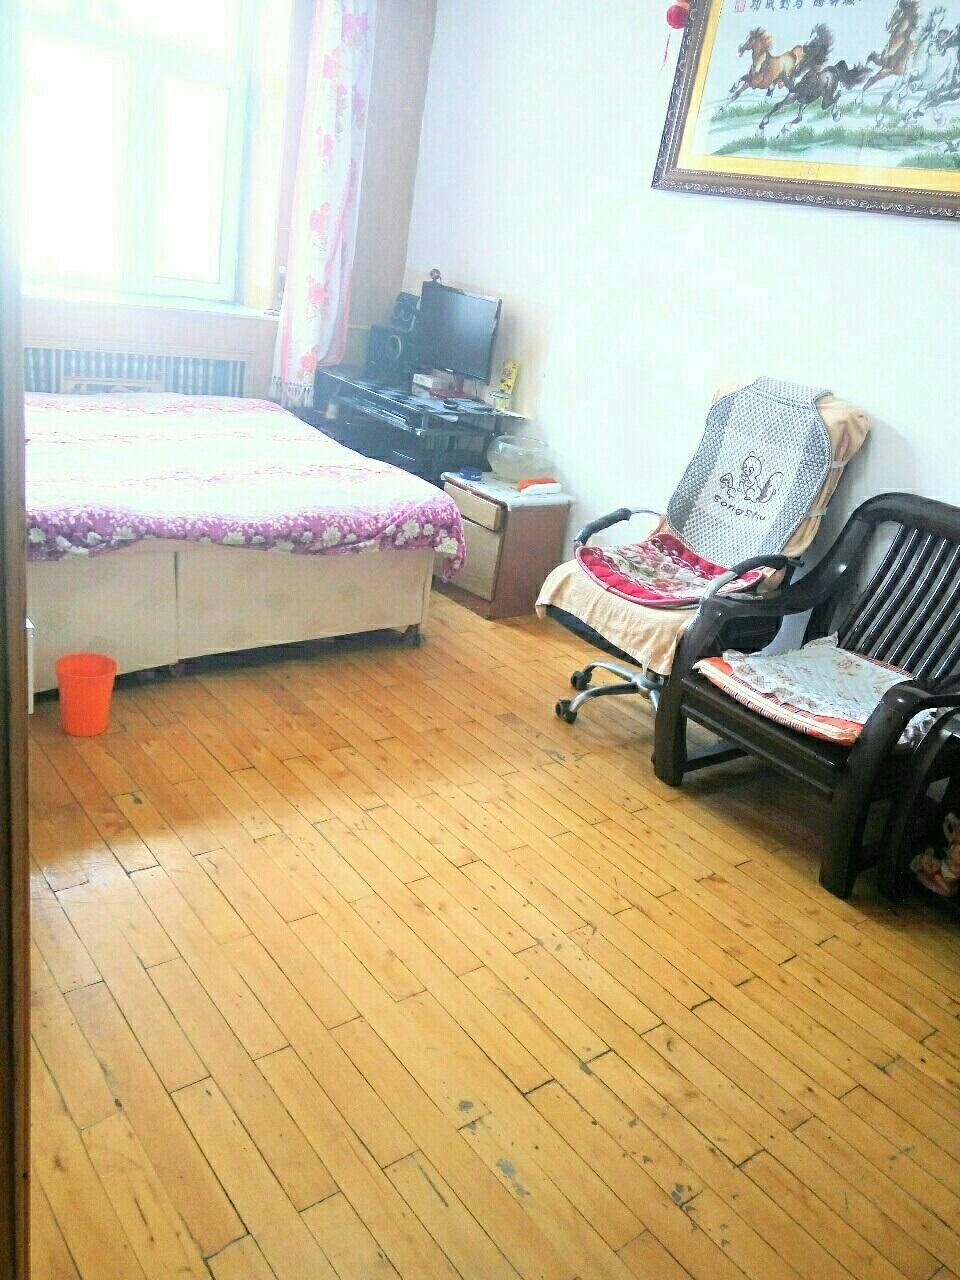 南市场小区1室1厅1卫10万元